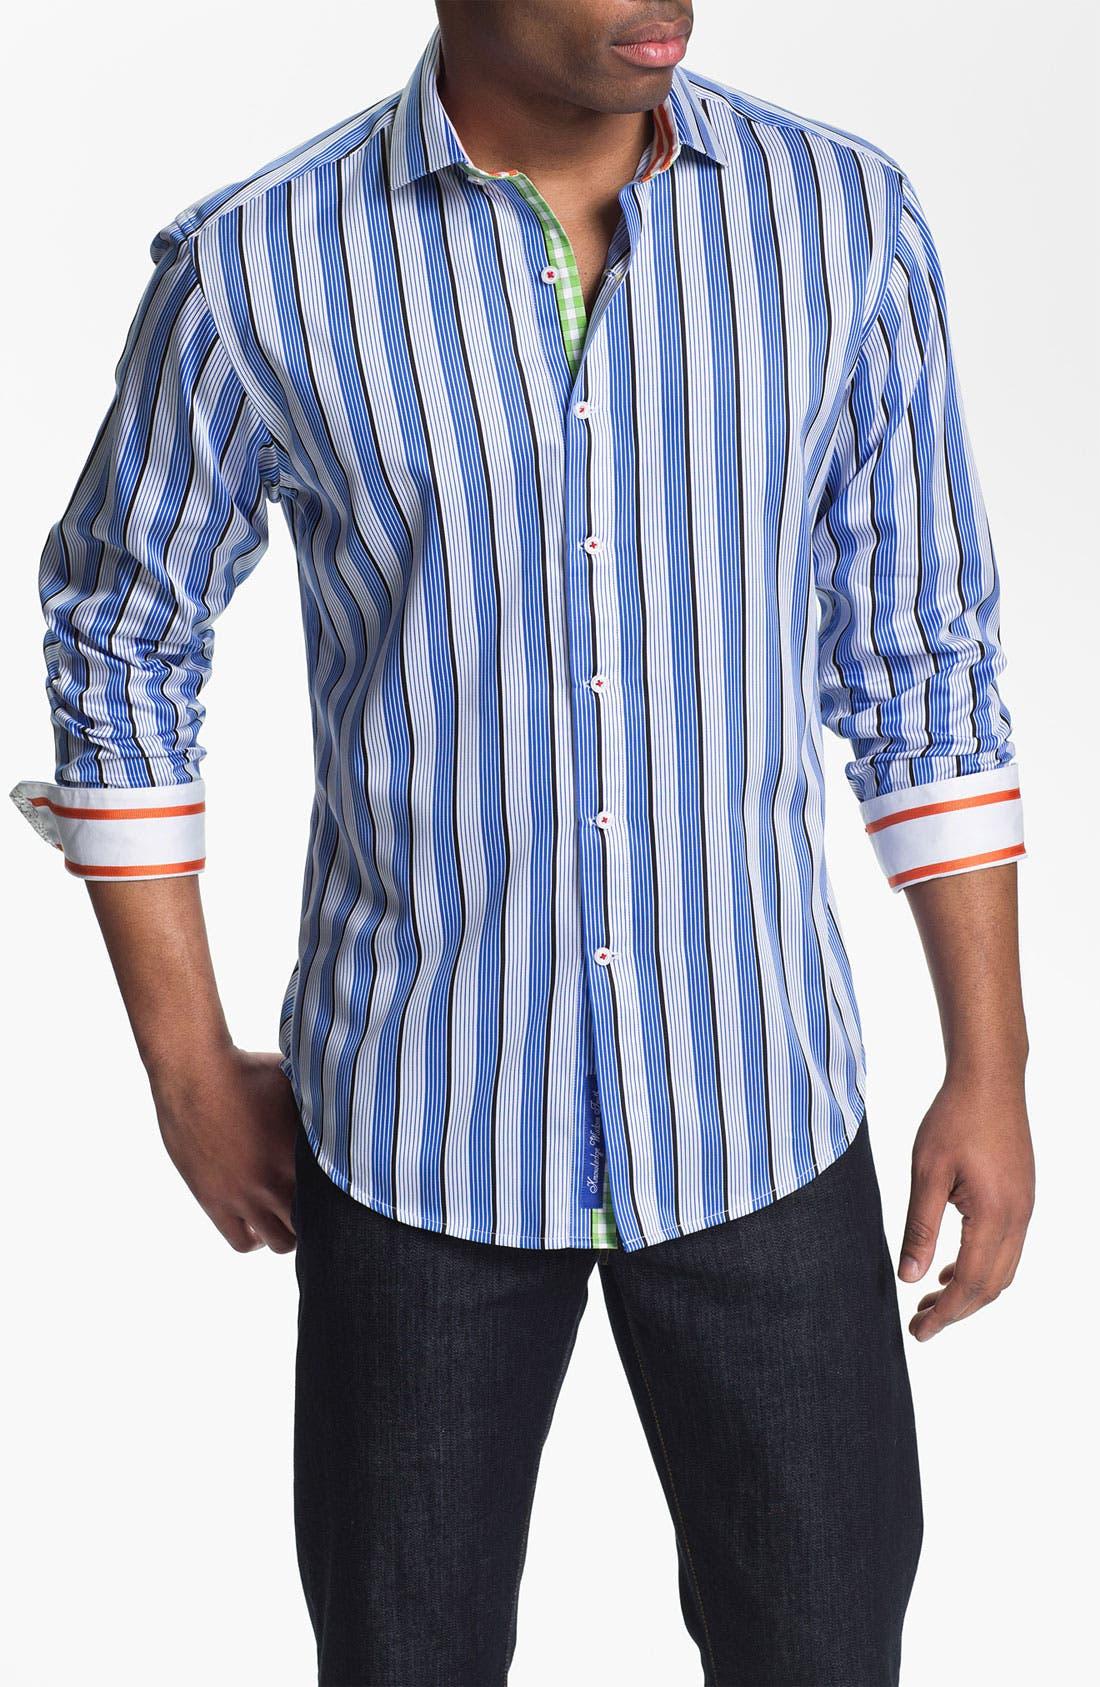 Alternate Image 1 Selected - Robert Graham 'Ocean Drive' Sport Shirt